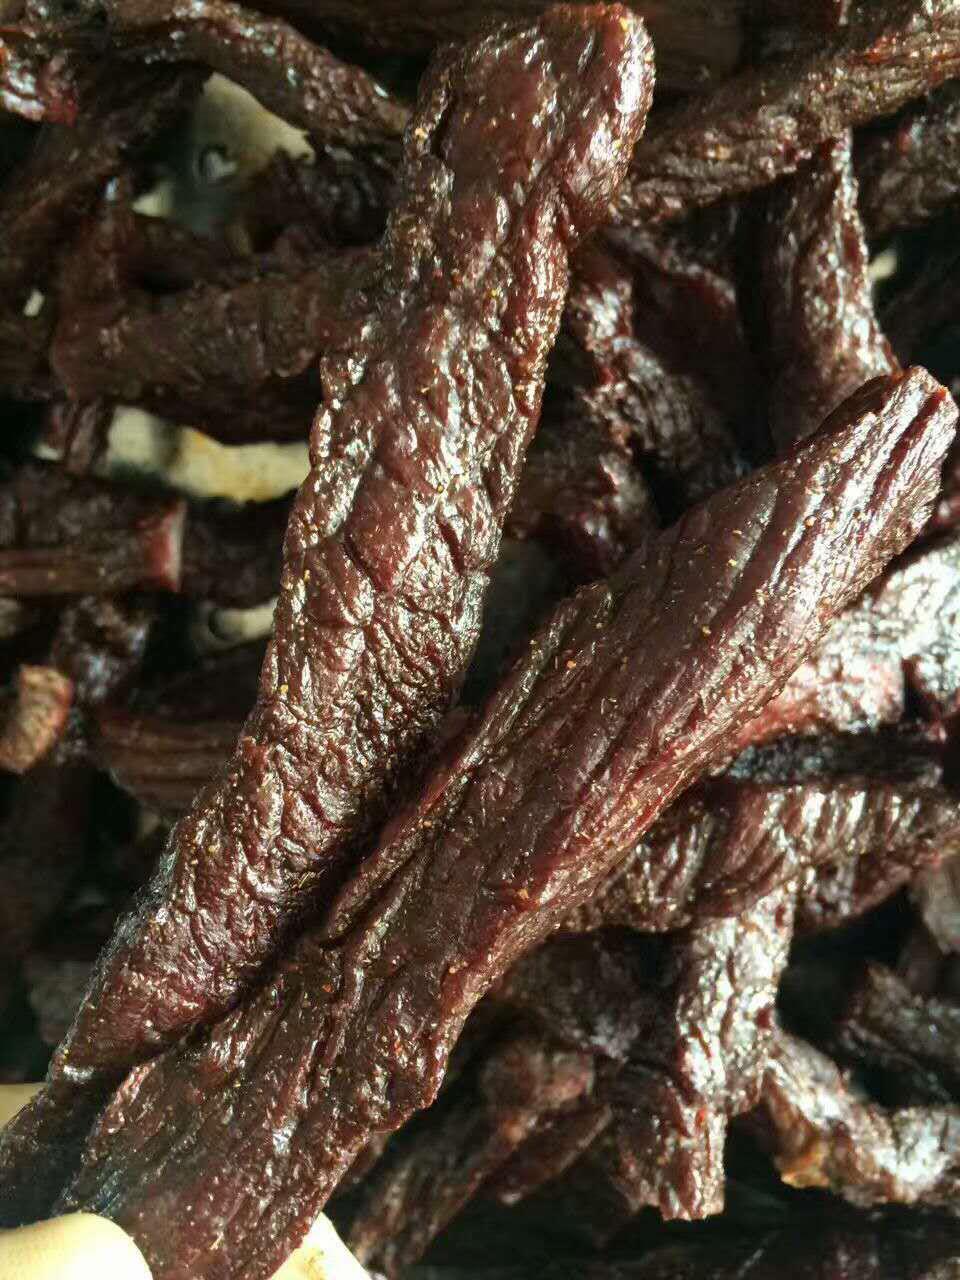 这是第3张纯正风干牛肉干纯手工古法制作真正的老味道的货源图片